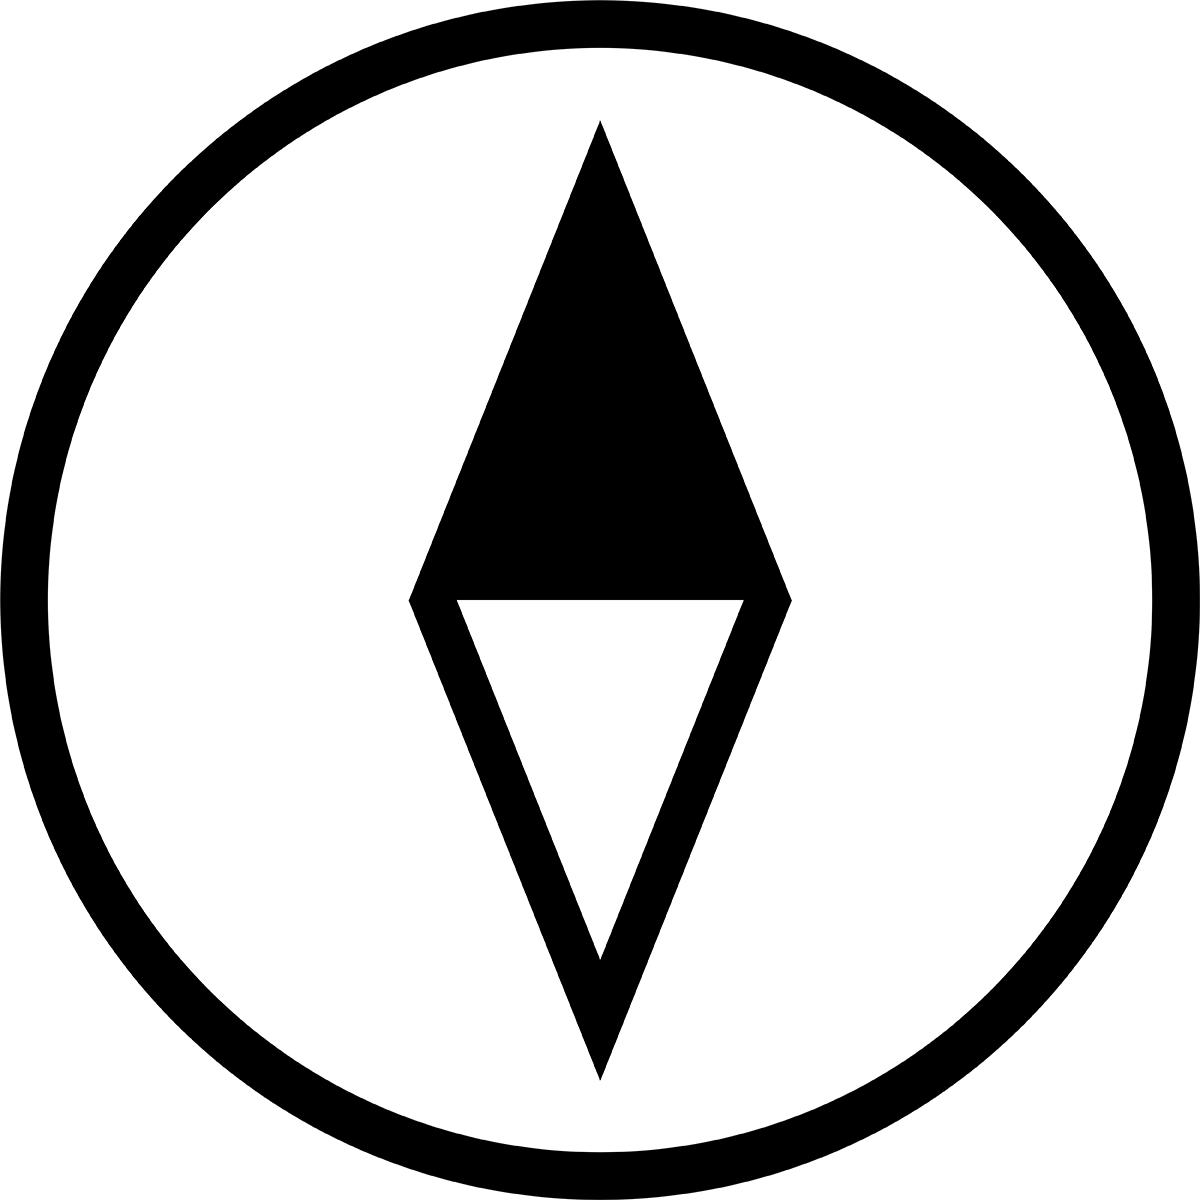 【アイコン】方位磁石の無料イラスト